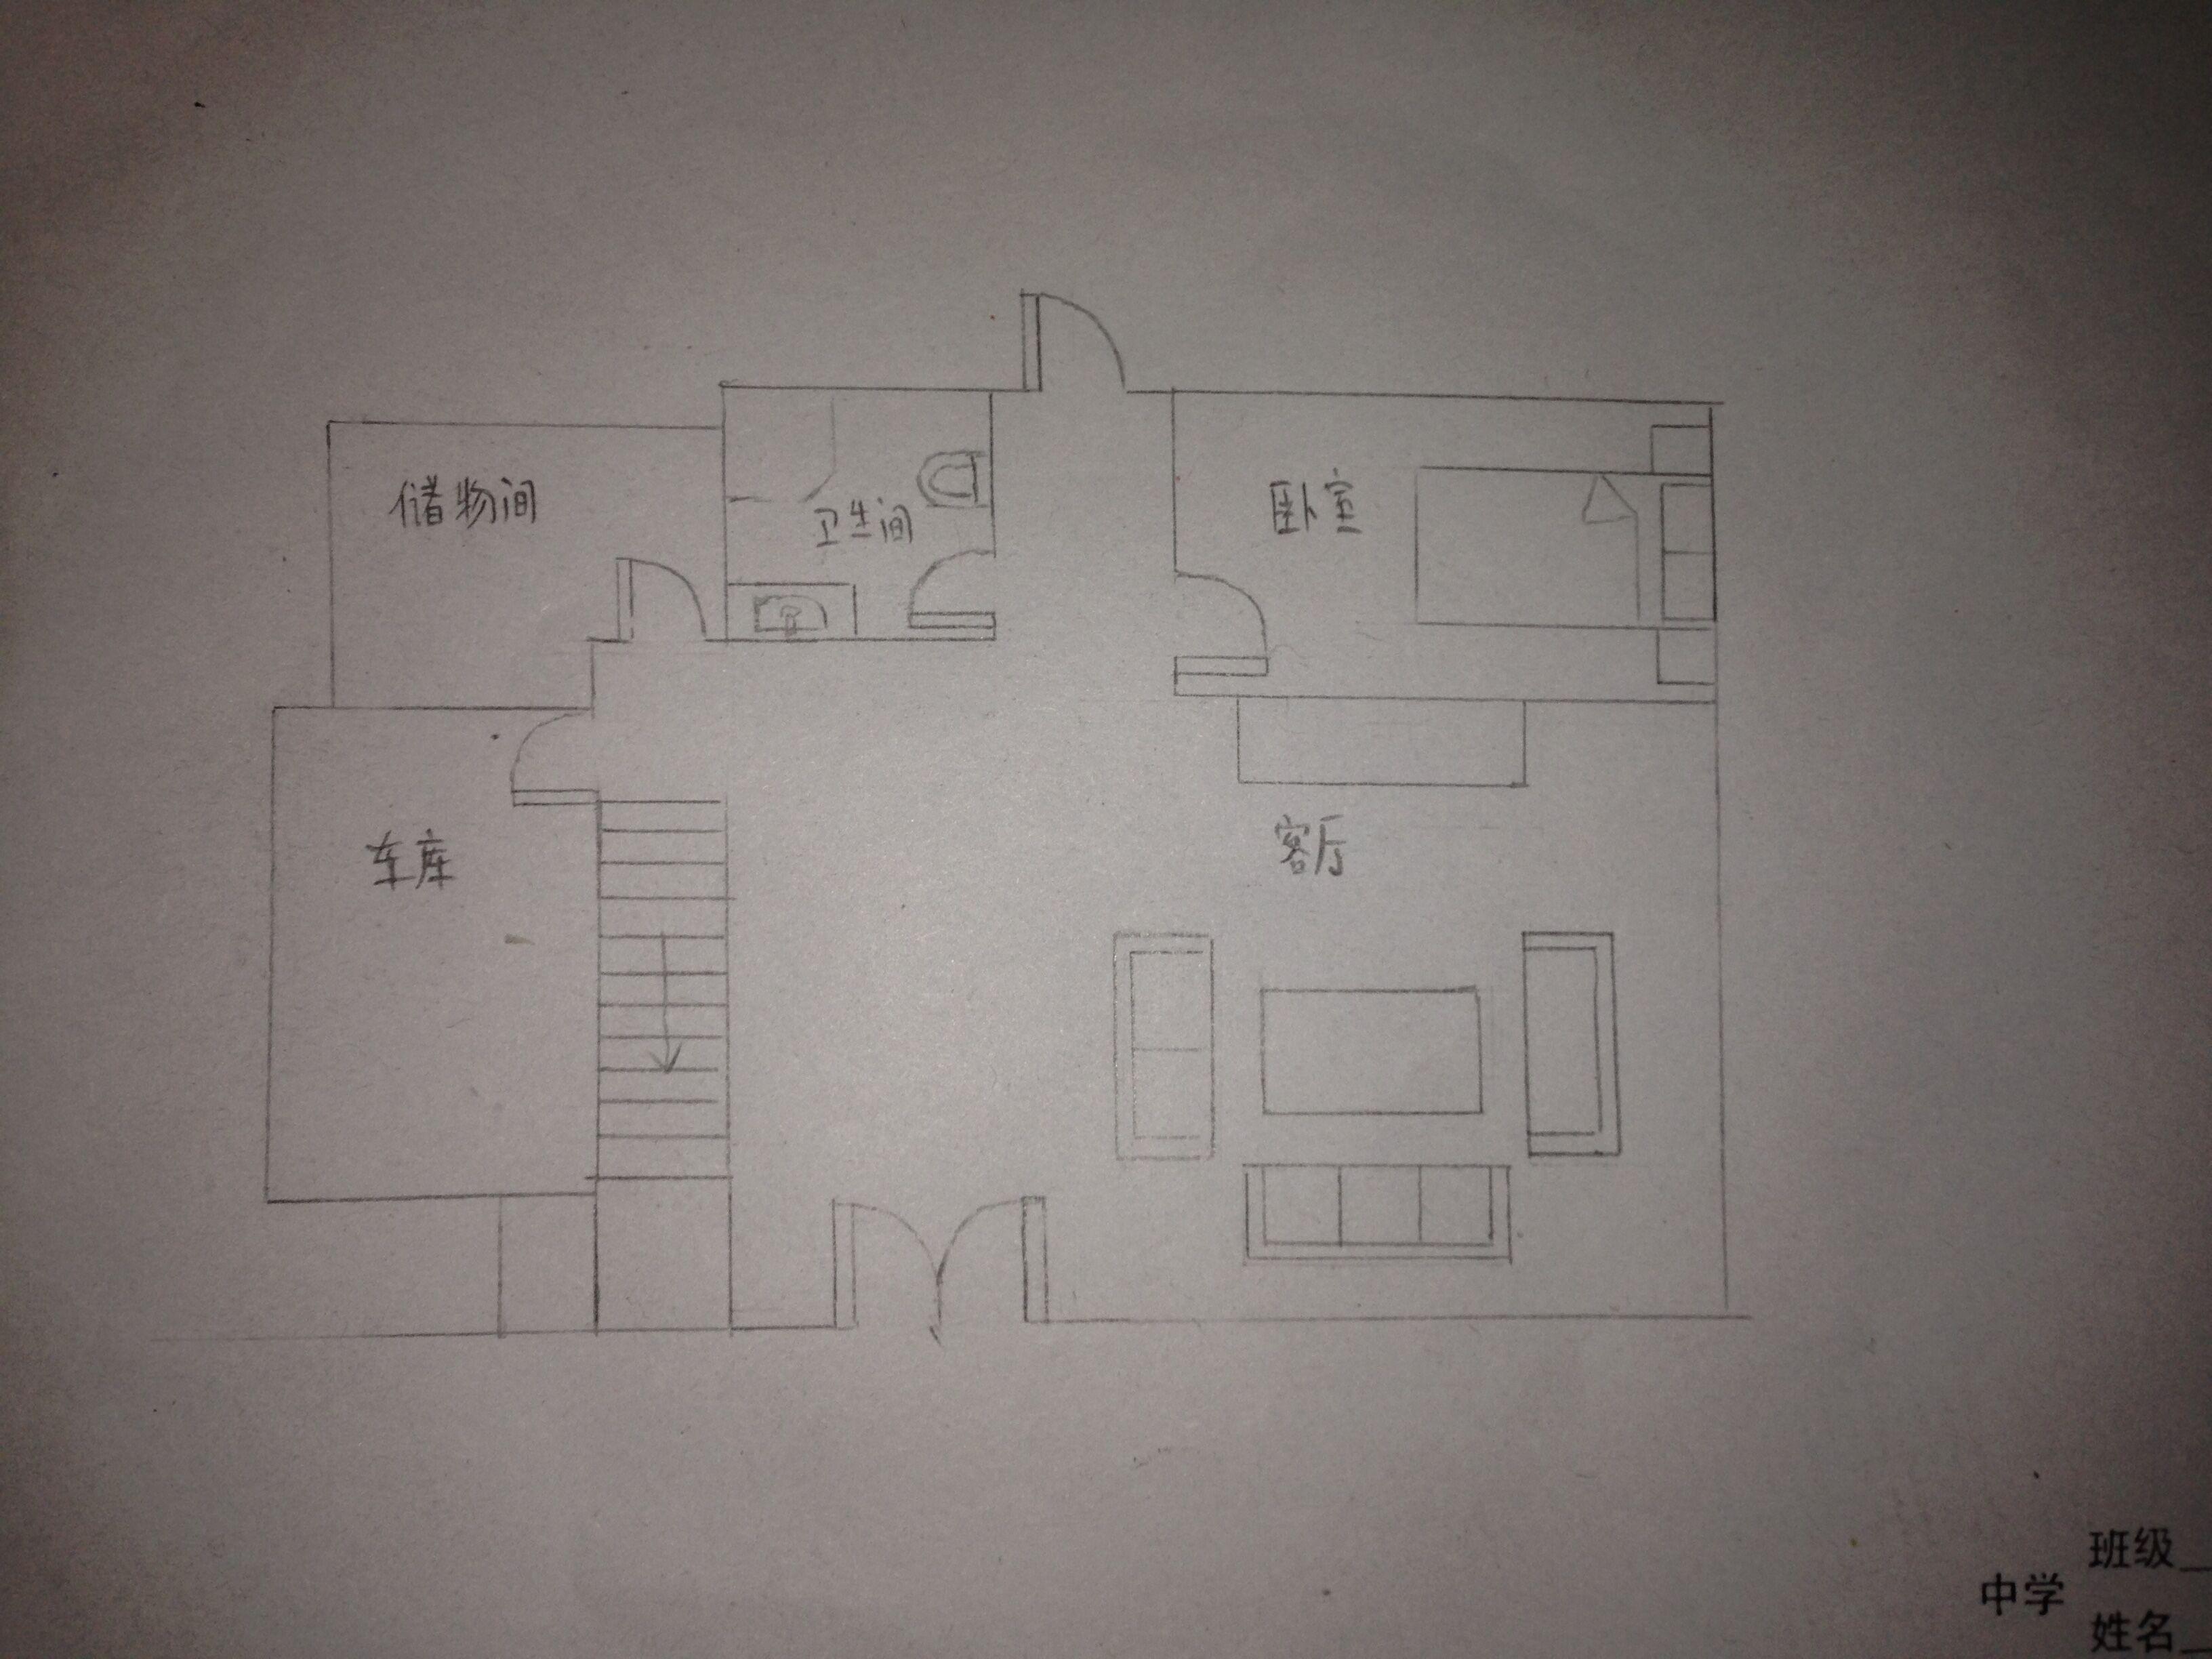 谁能帮我看看这个大概样子房屋平面图怎么改?图片